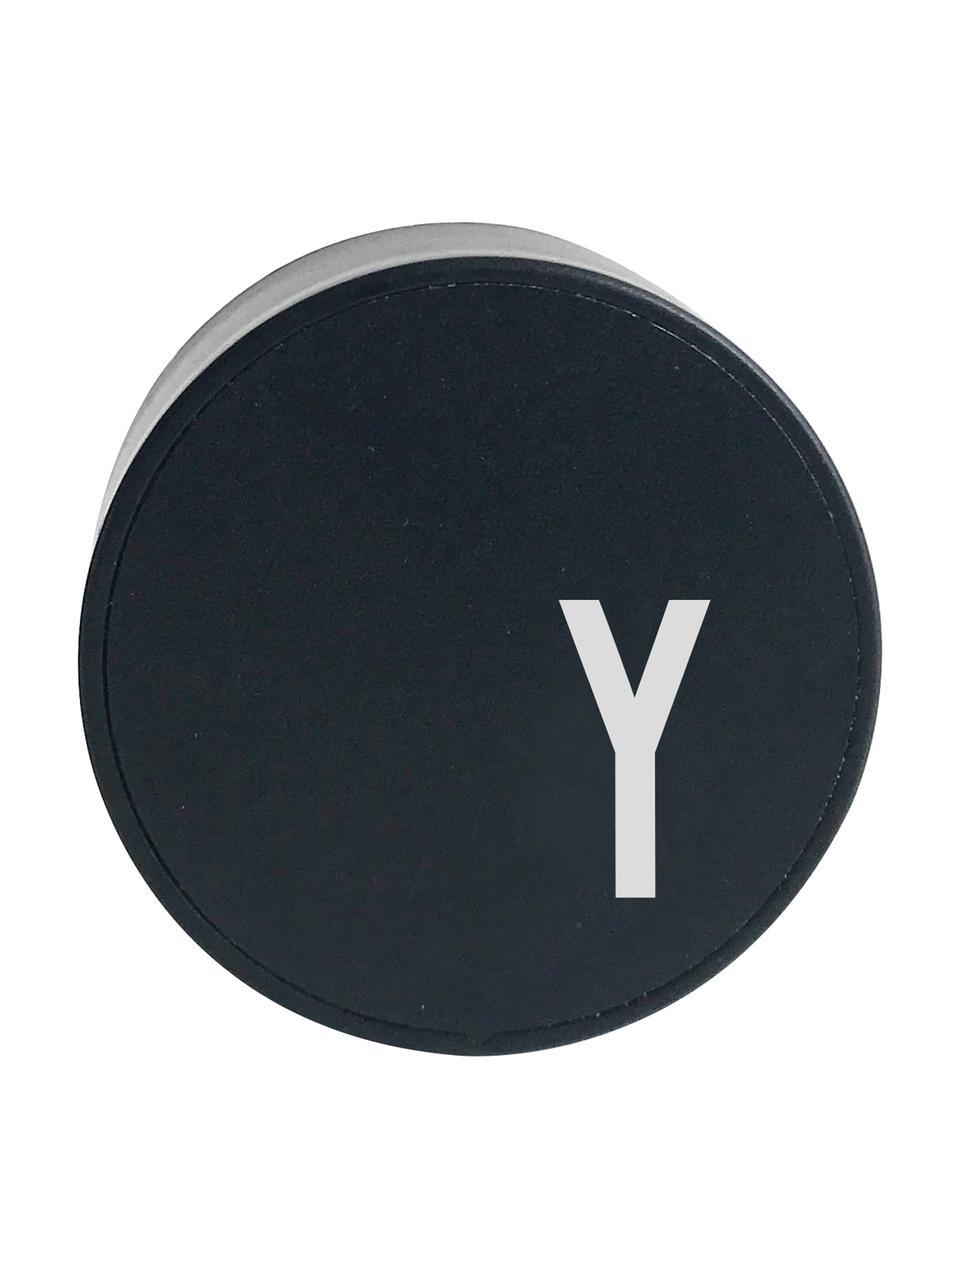 Oplader MyCharger (varianten van A tot Z), Kunststof, Zwart, Oplader Y